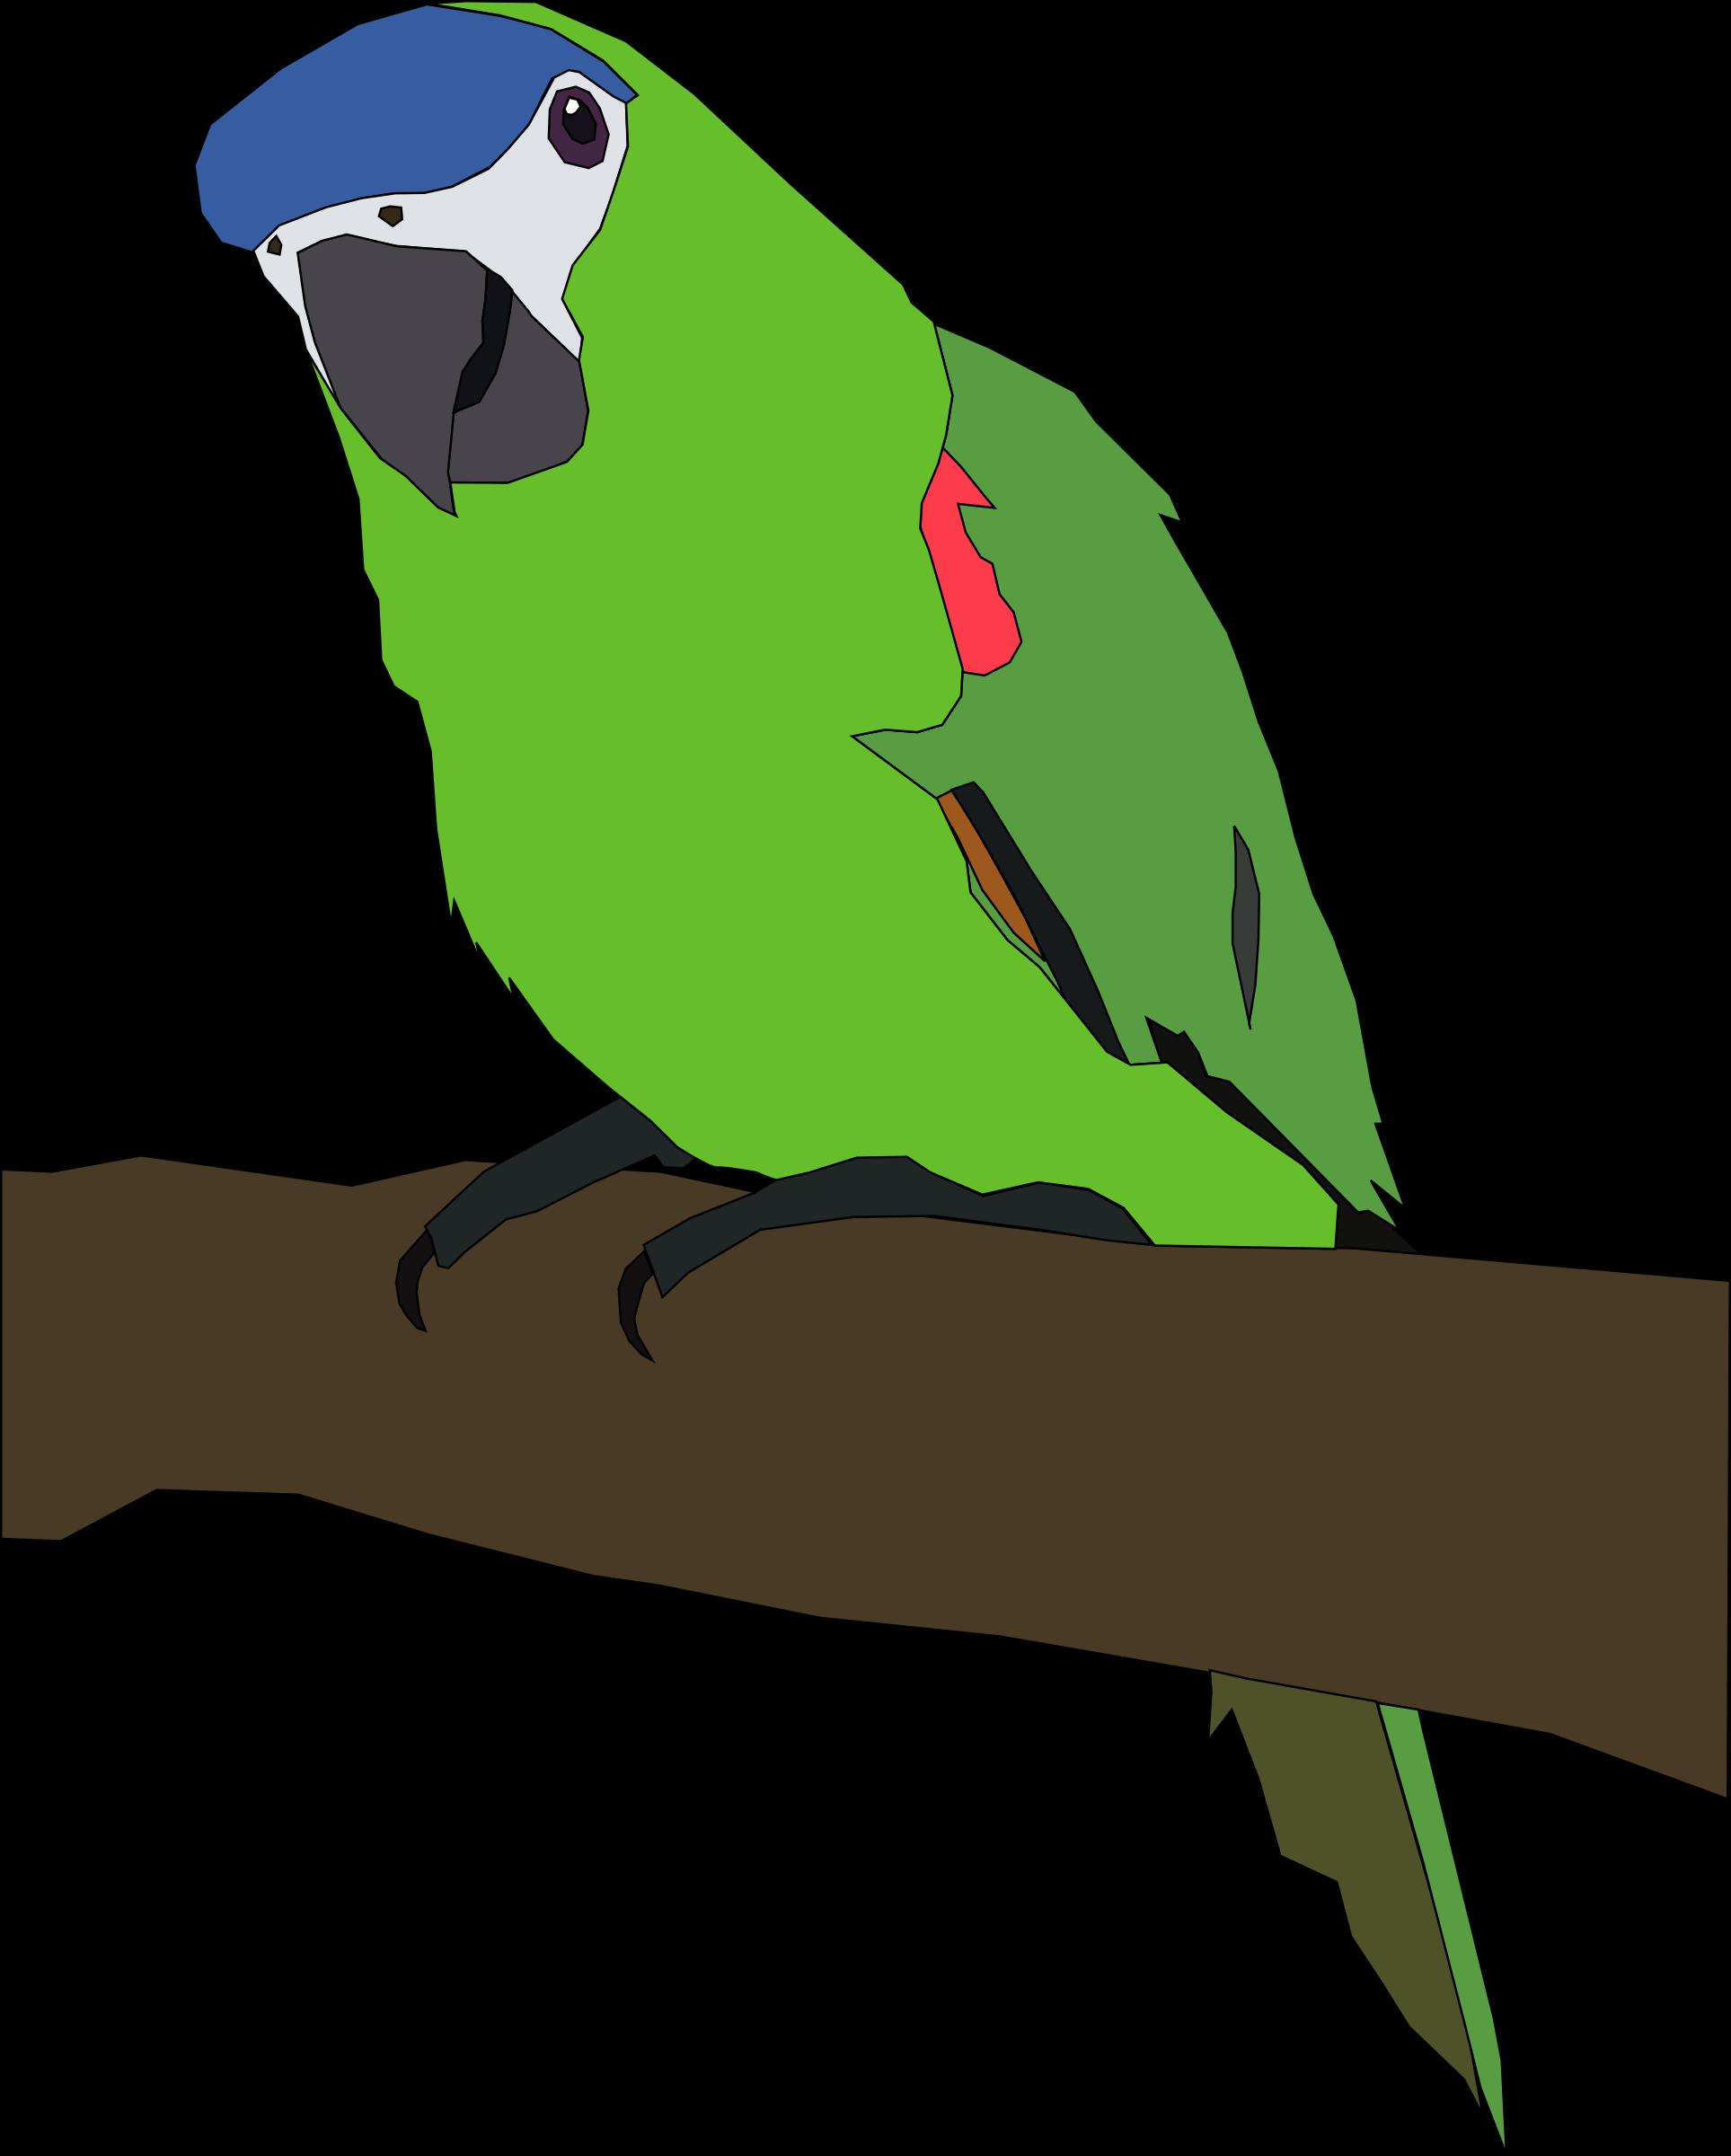 . Parrot clipart parrot head